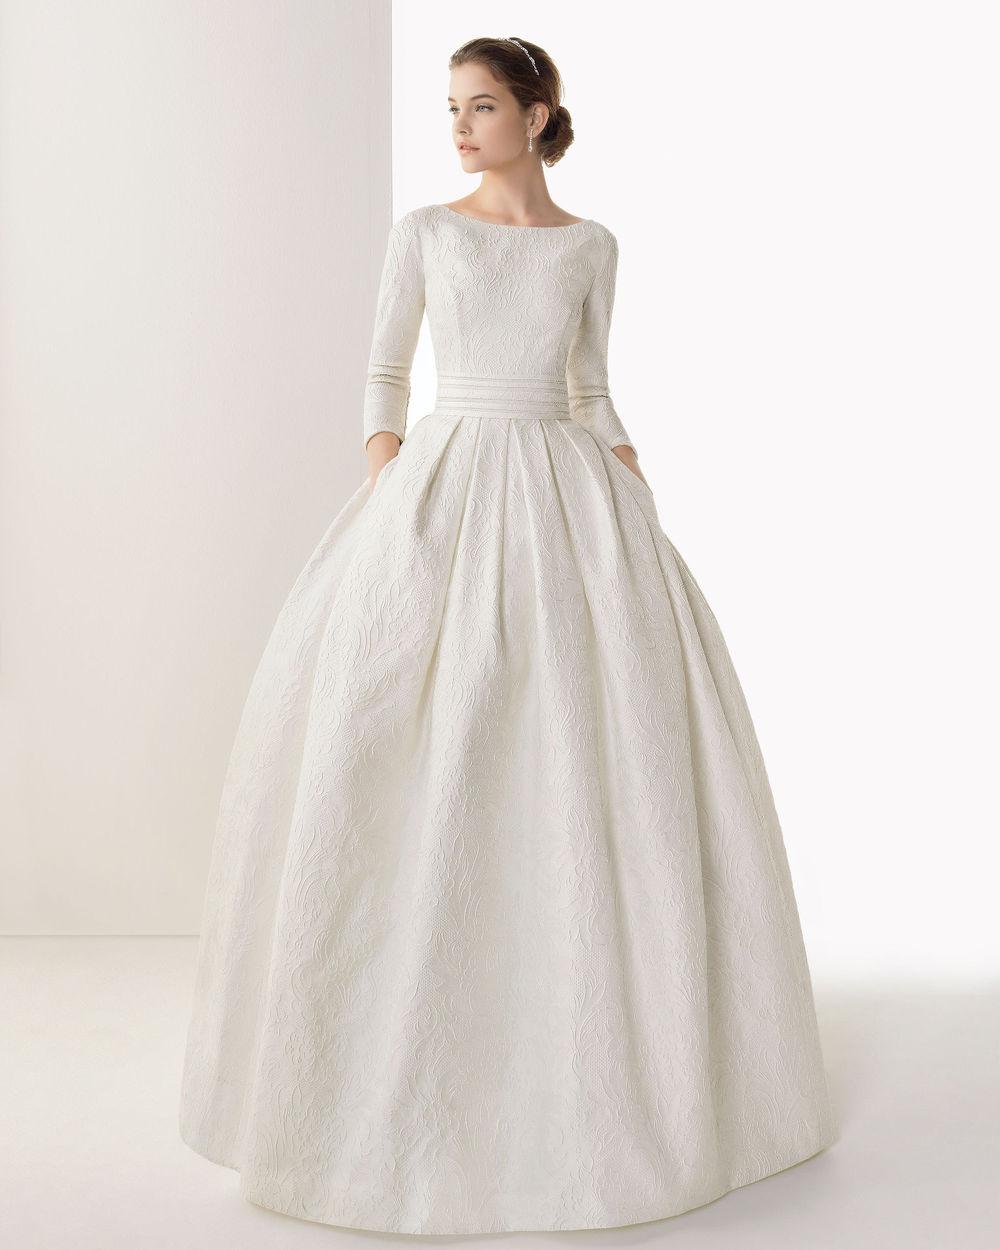 Váy cưới đẹp phong cách tối giản màu trắng